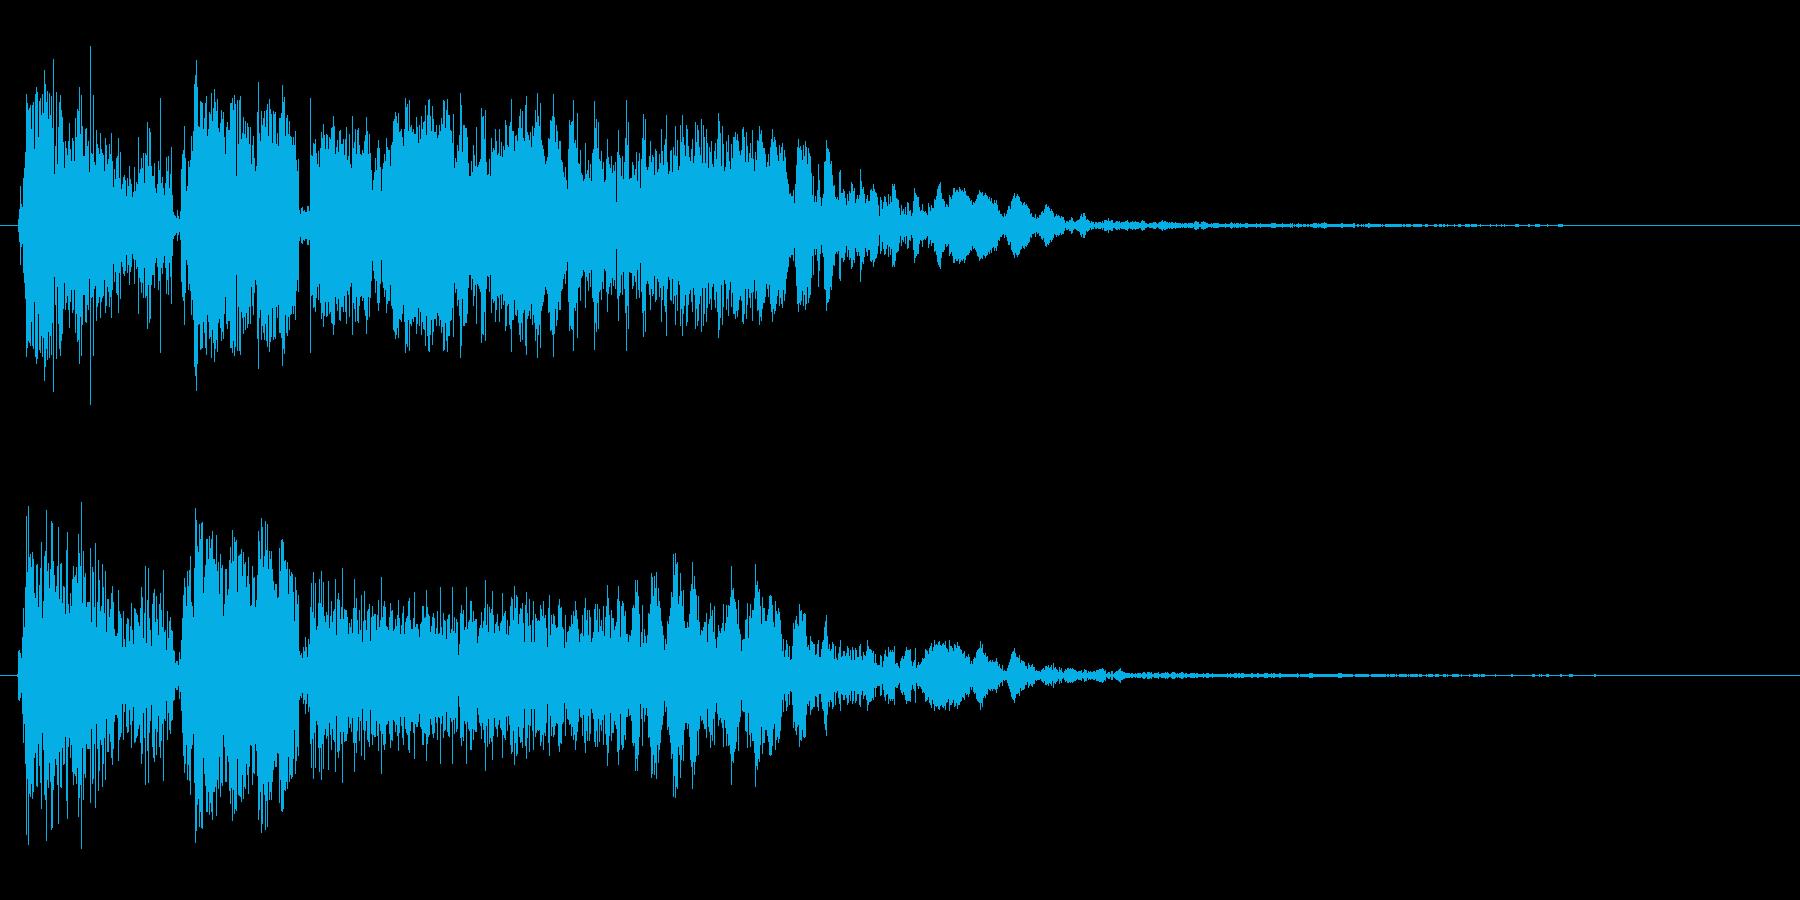 ビシュビシューン(シューティング音)の再生済みの波形